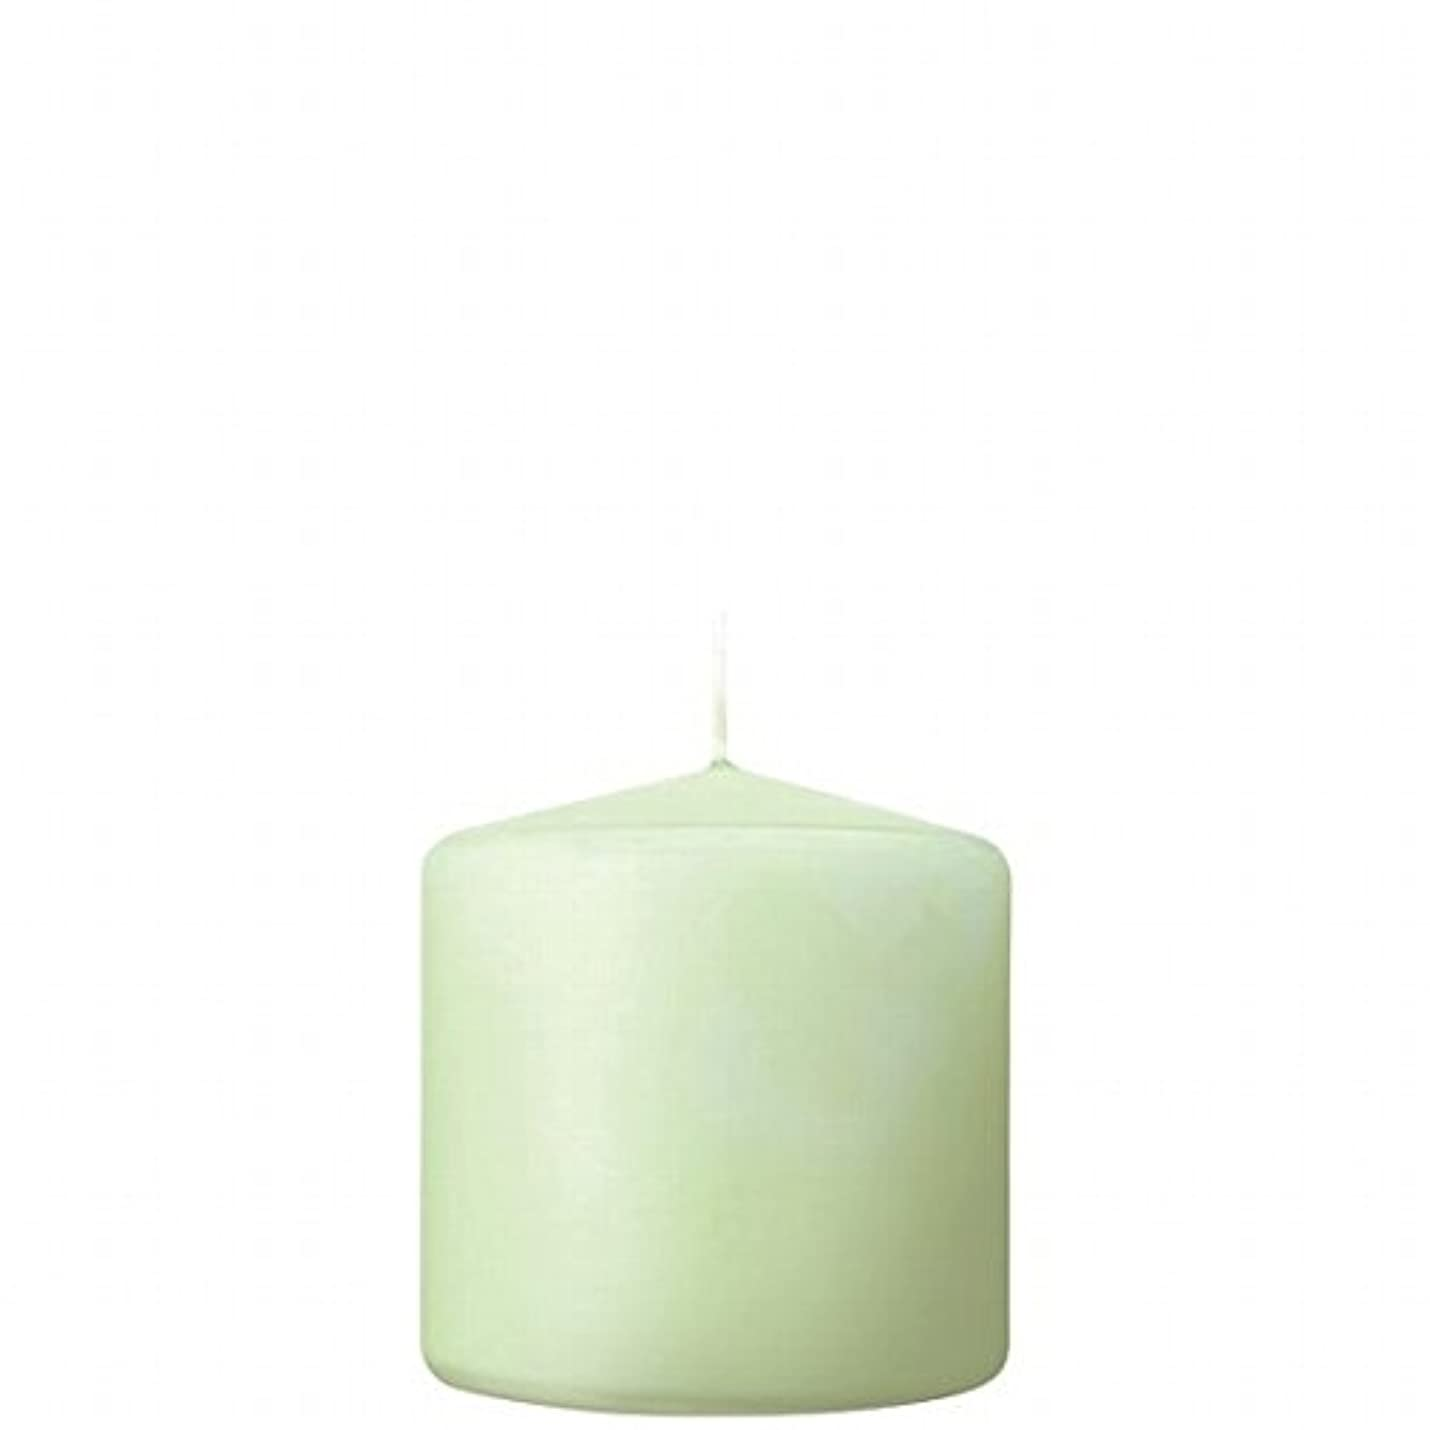 在庫地平線ヘッドレスカメヤマキャンドル( kameyama candle ) 3×3ベルトップピラーキャンドル 「 ホワイトグリーン 」